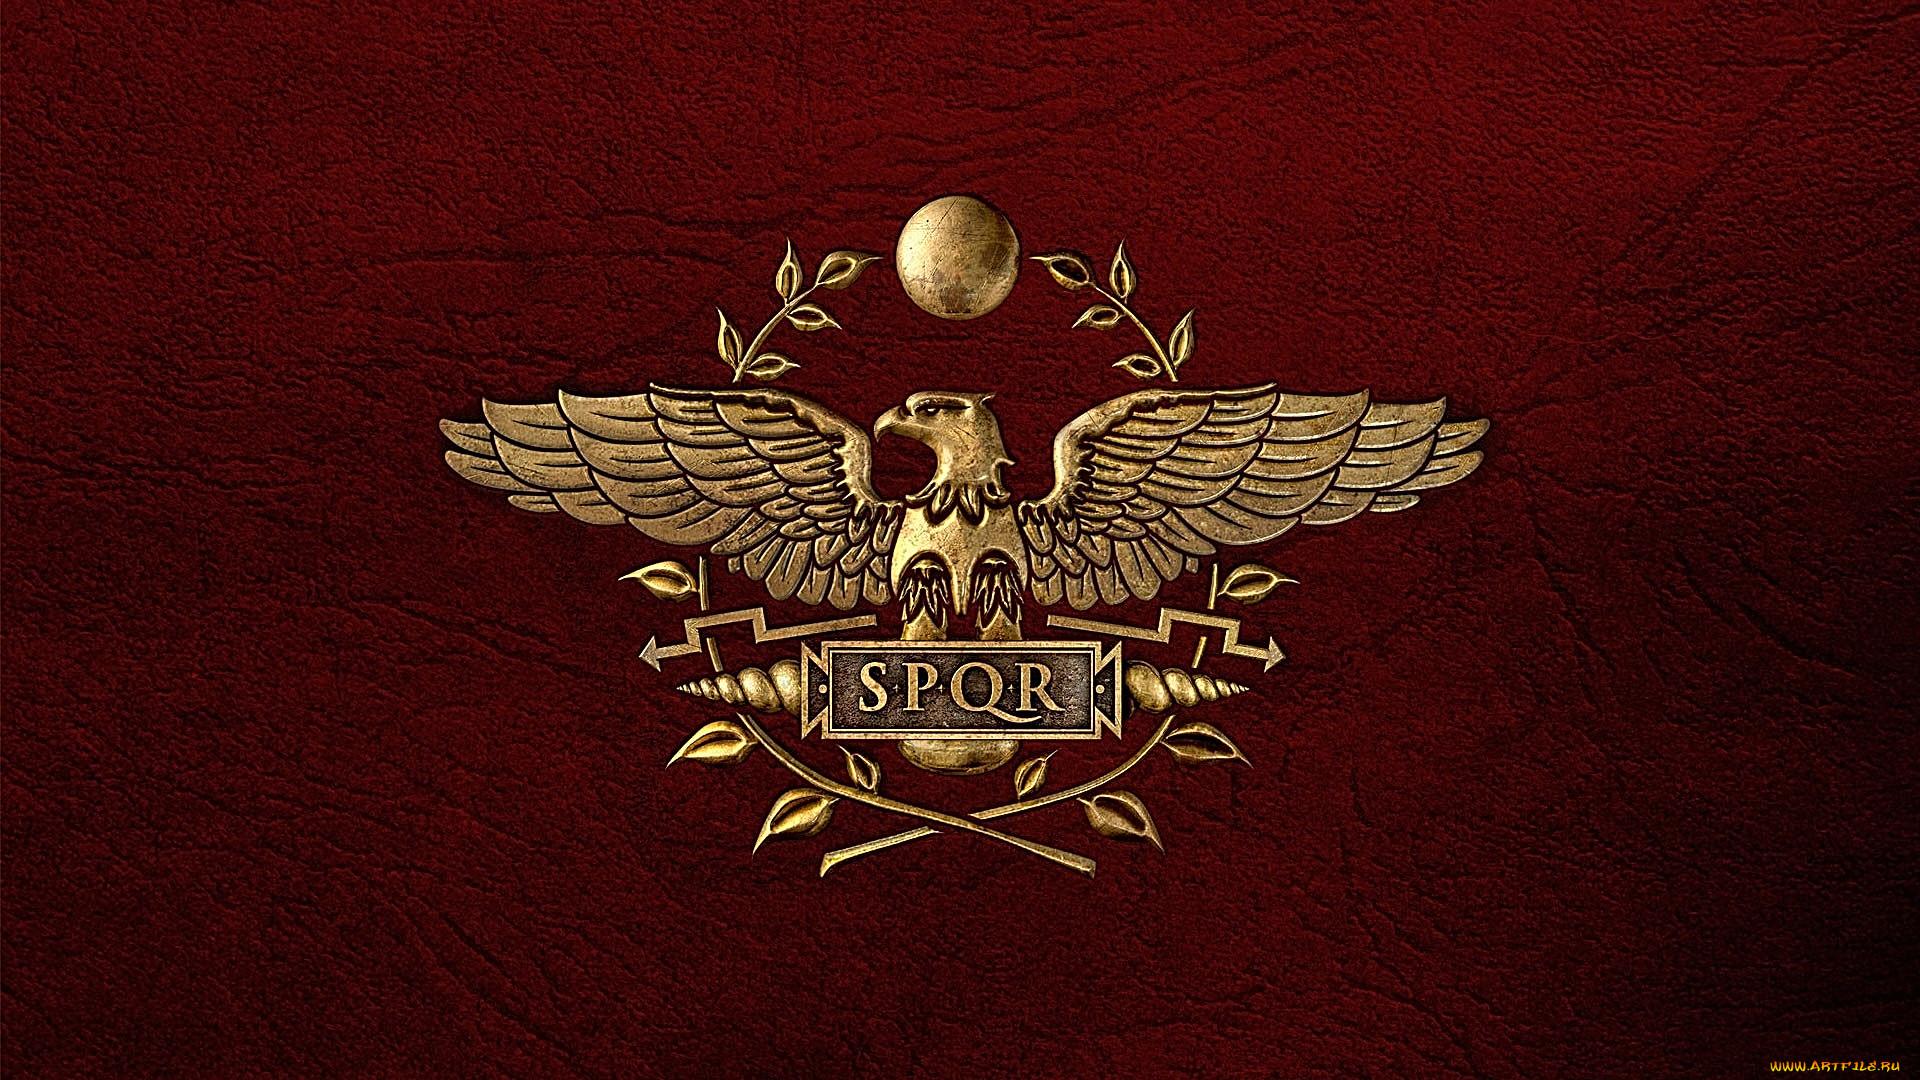 разное, надписи, логотипы, знаки, герб ...: artfile.ru/i.php?i=668995